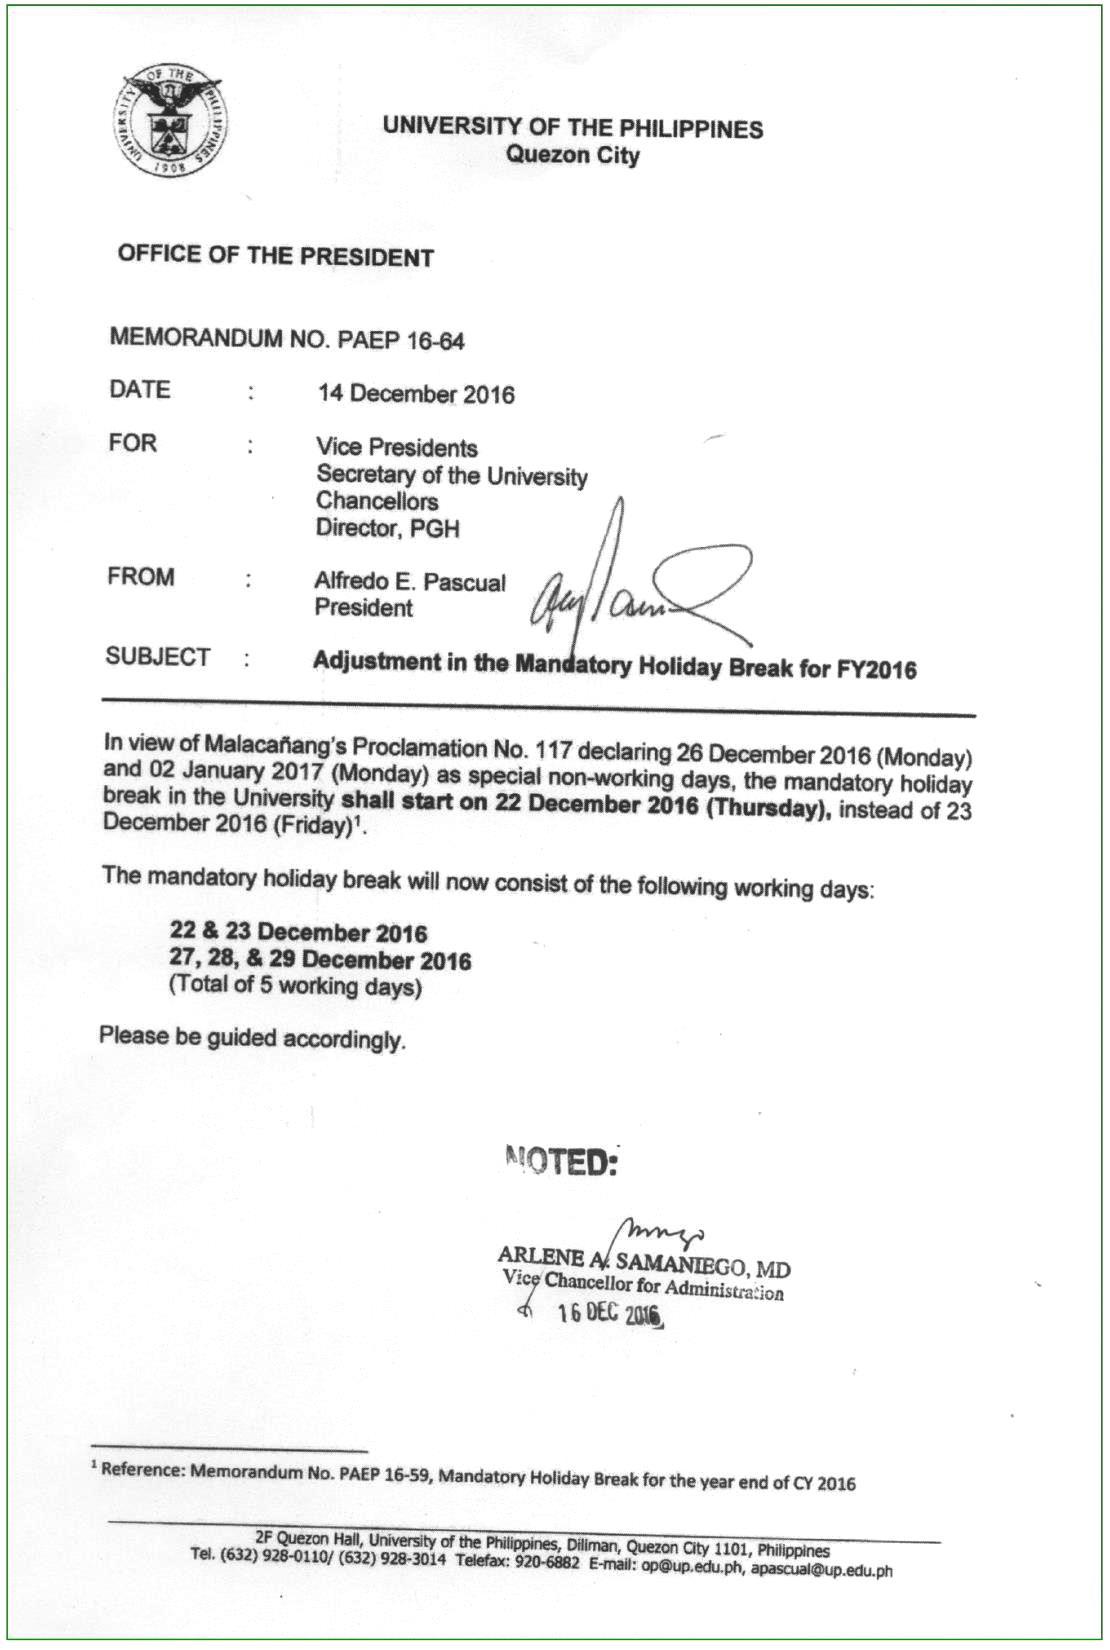 memorandum philippines - Ataum berglauf-verband com